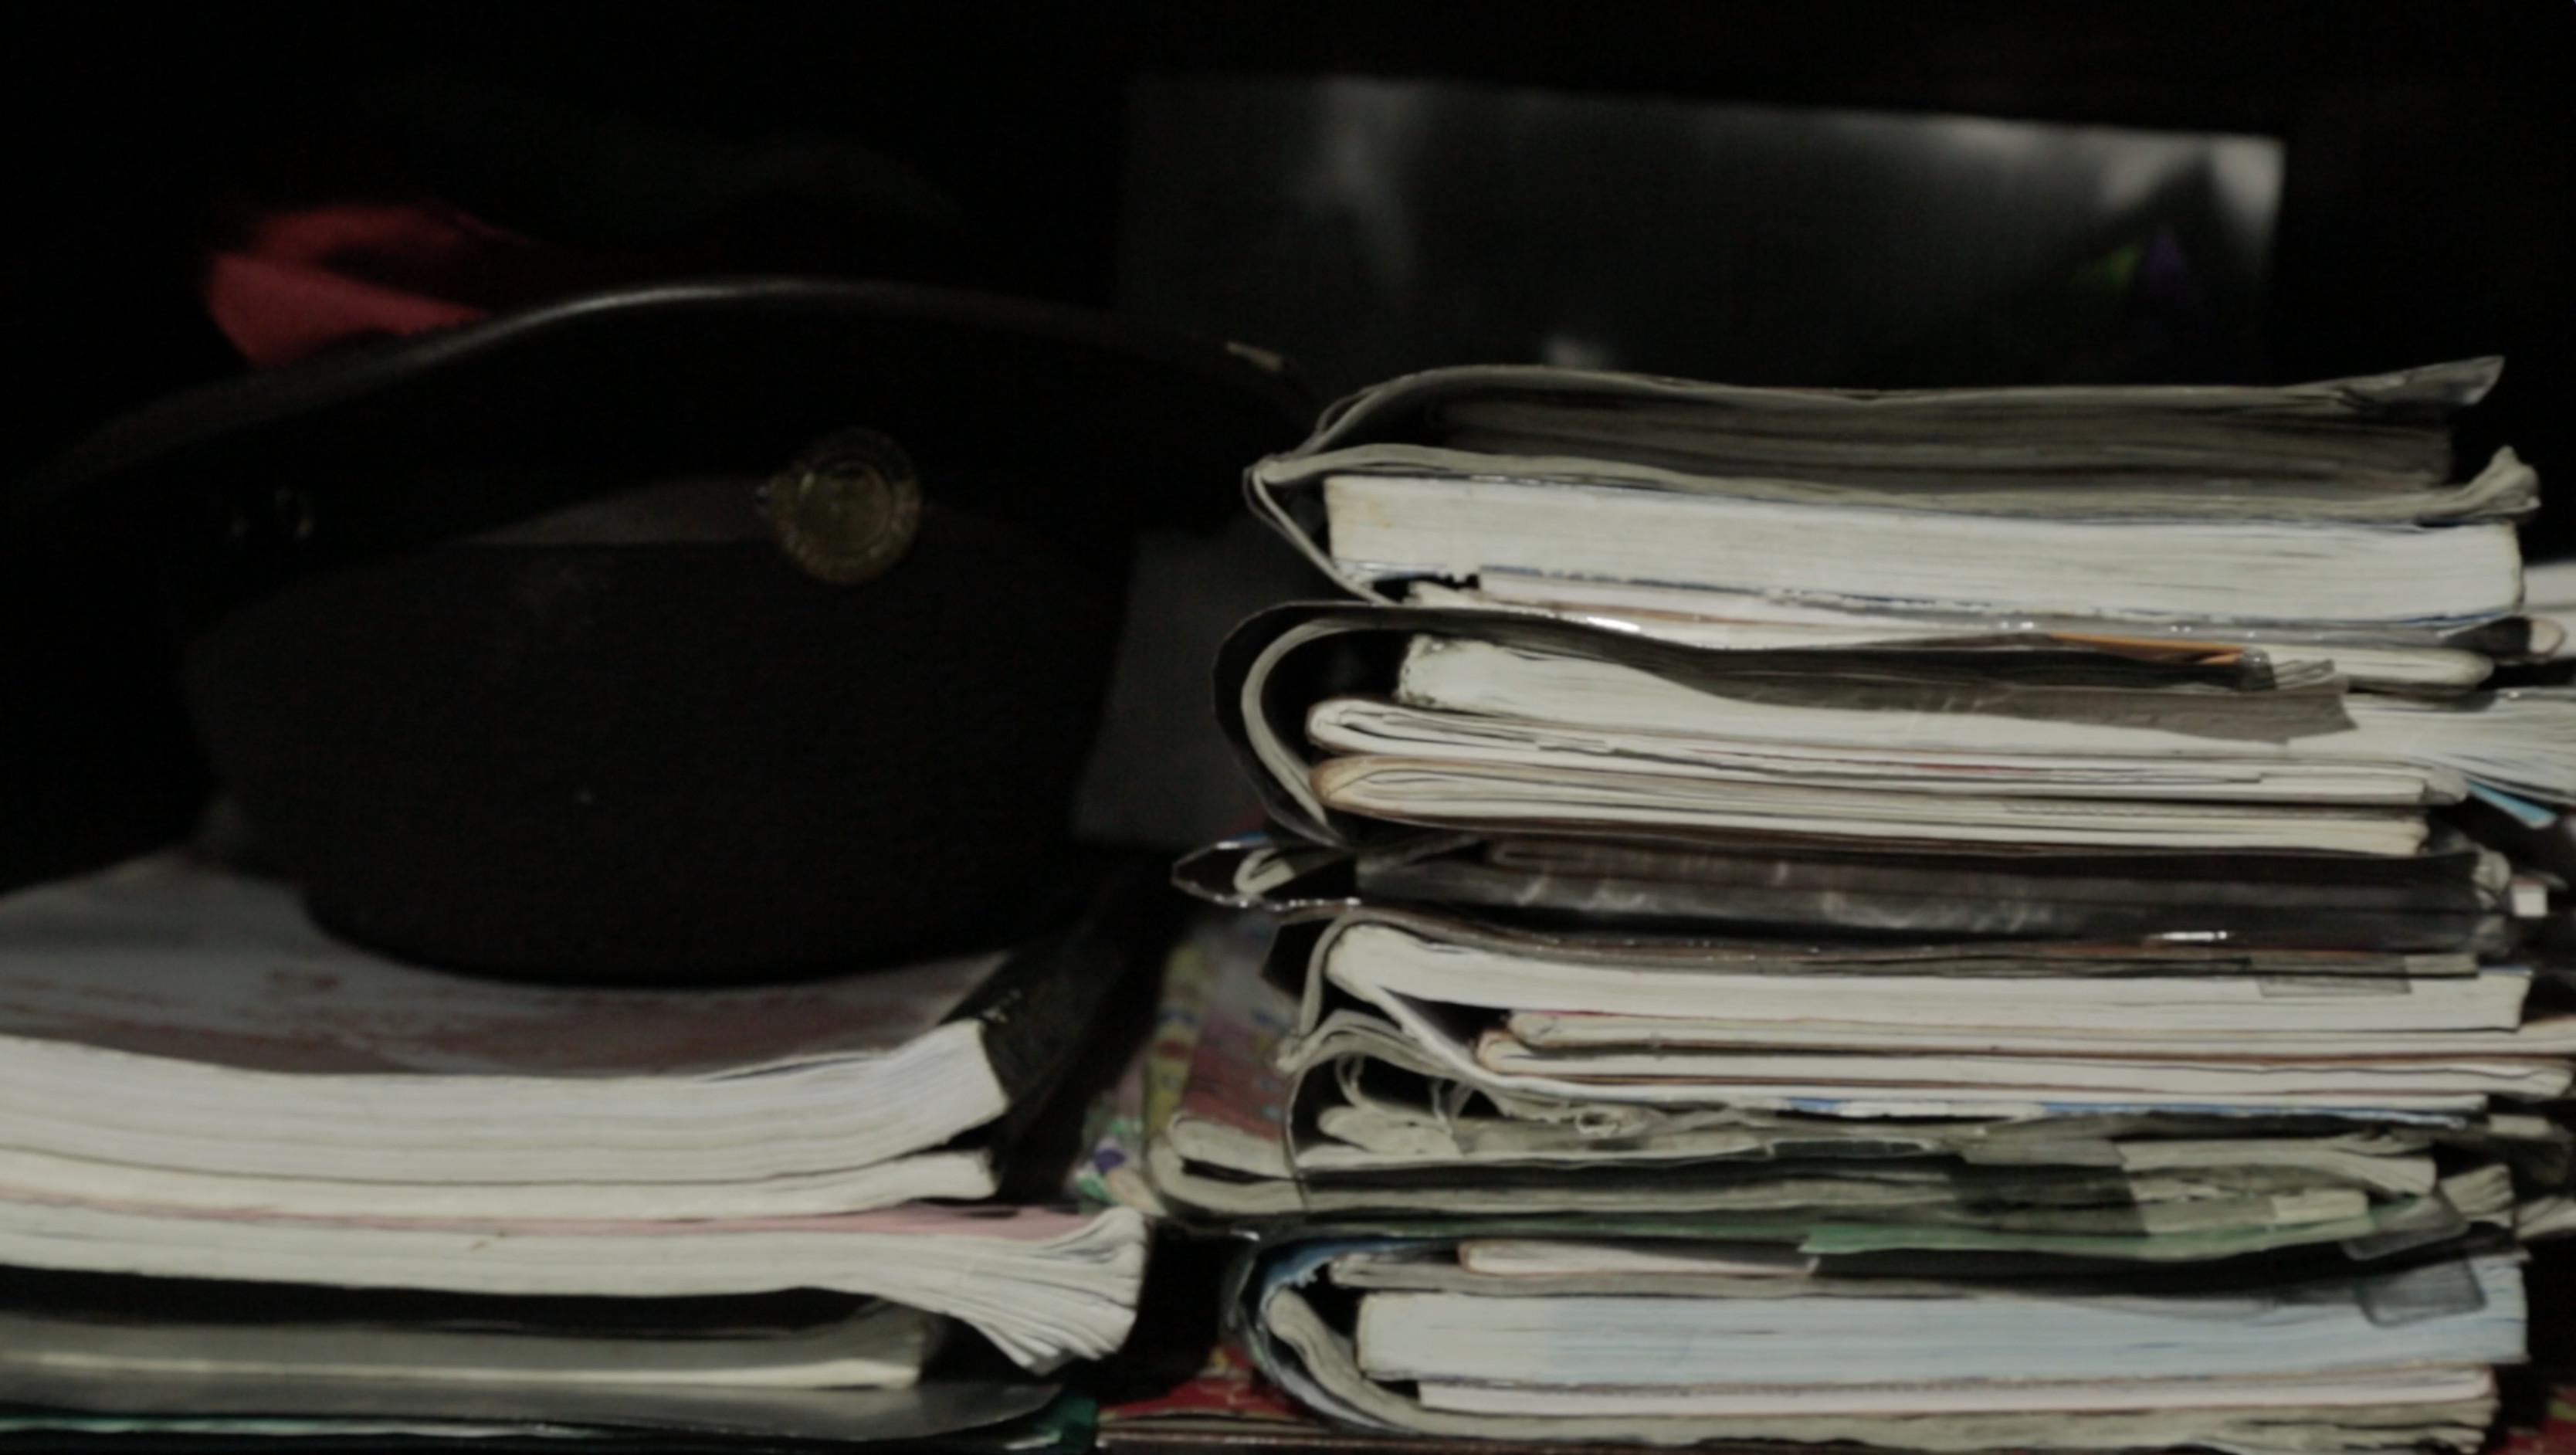 Sejumlah Buku Pelajaran yang Dibawa Anak SD (Liputan6.com/Mochamad Khadafi)